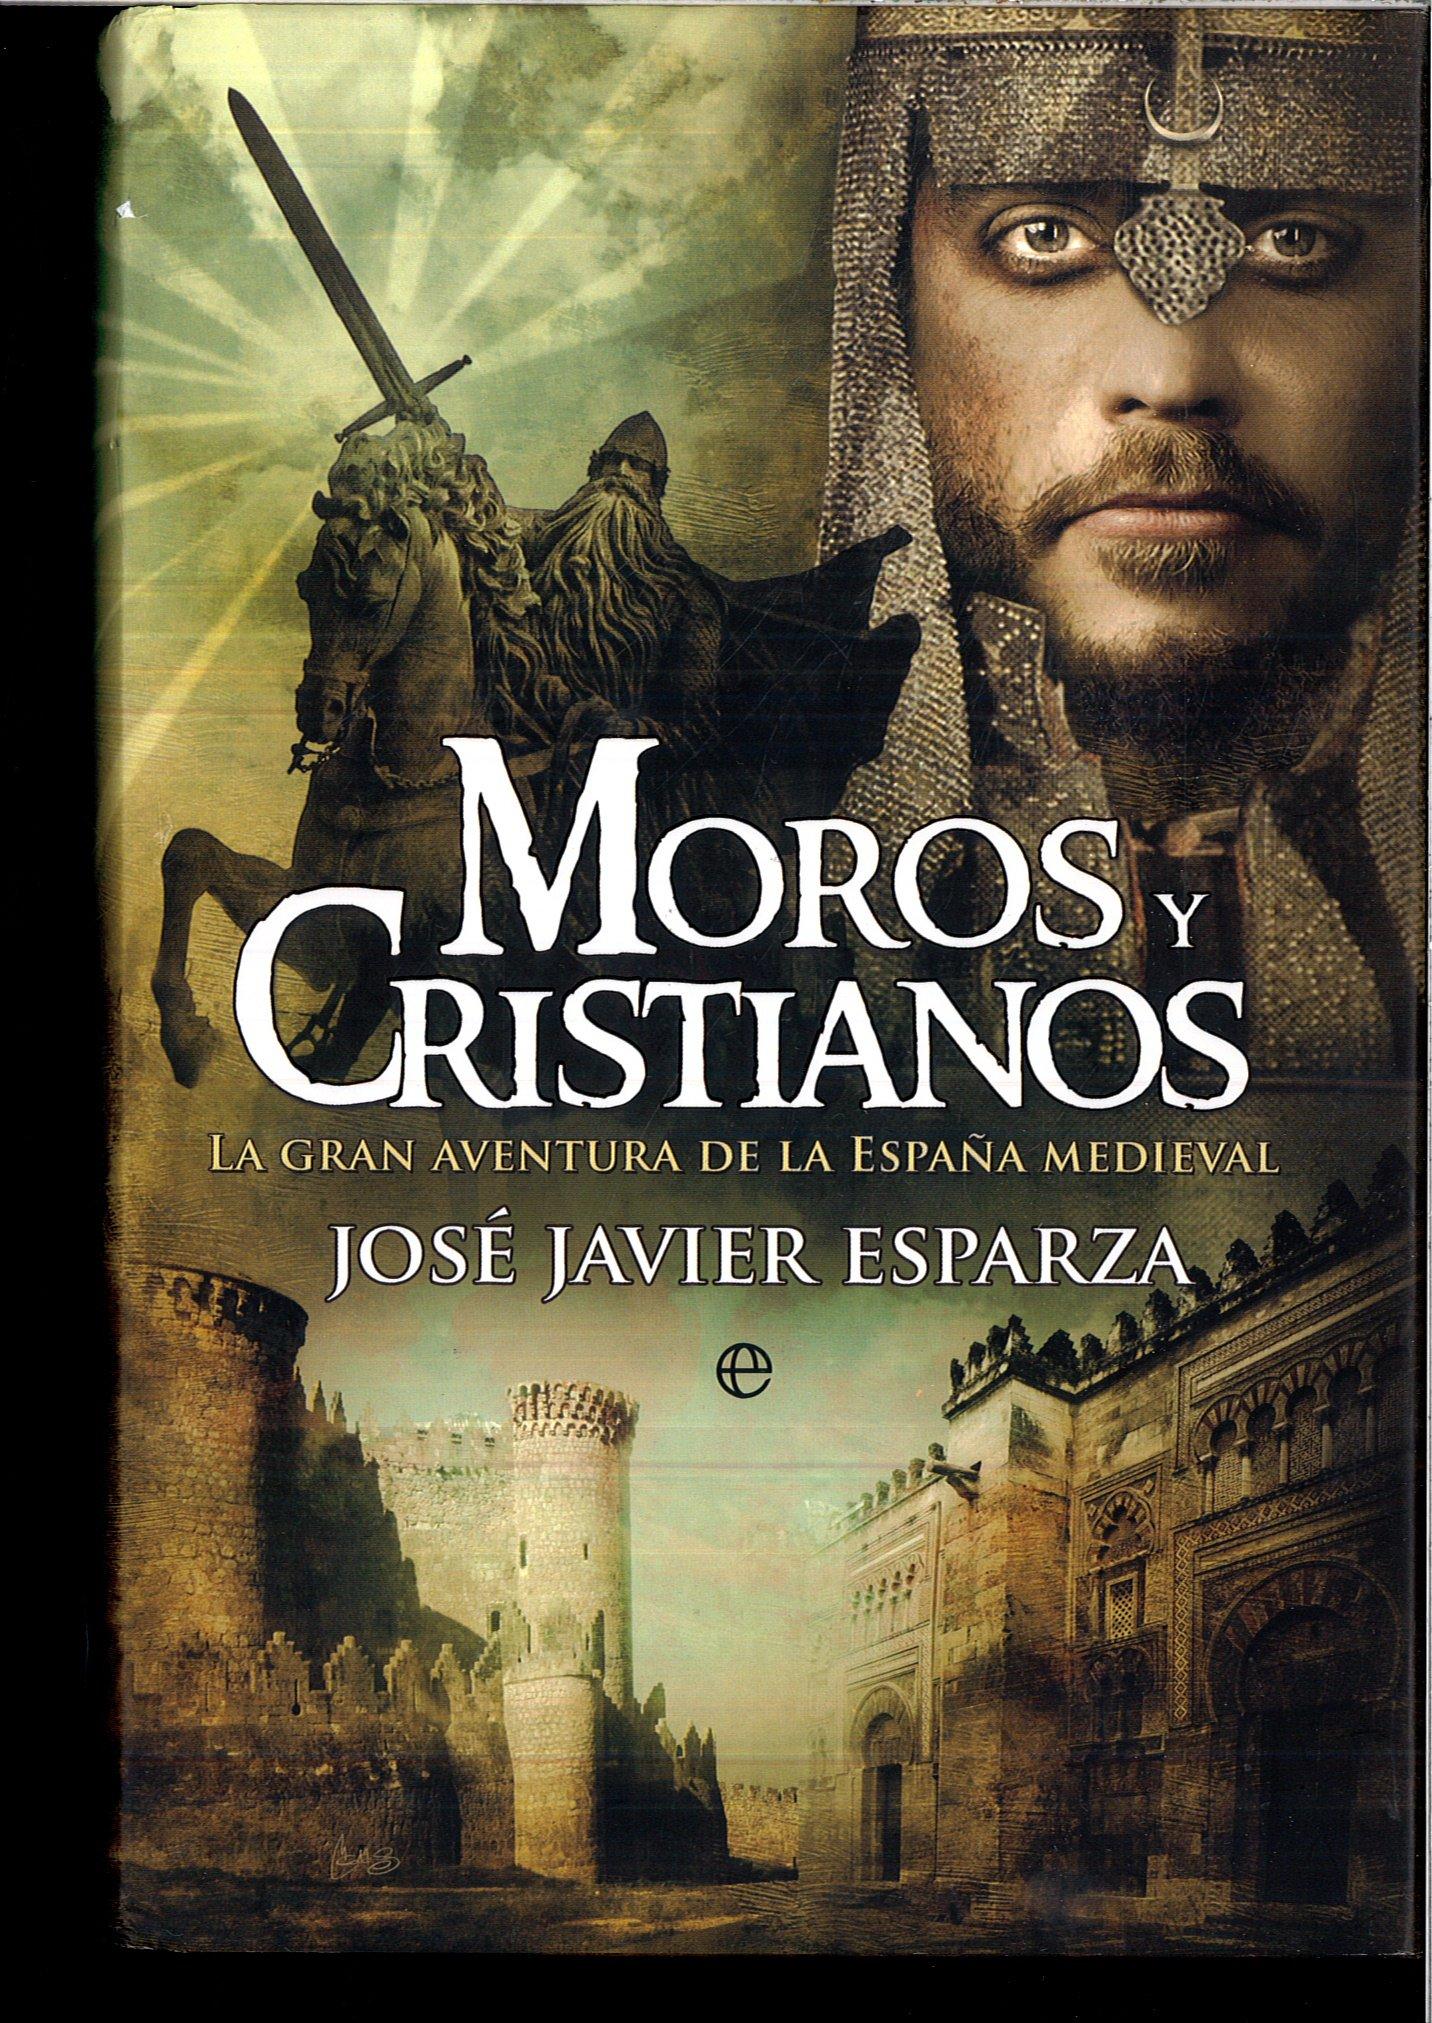 MOROS Y CRISTIANOS: Amazon.es: JOSE JAVIER ESPARZA, LA ESFERA DE LOS  LIBROS: Libros